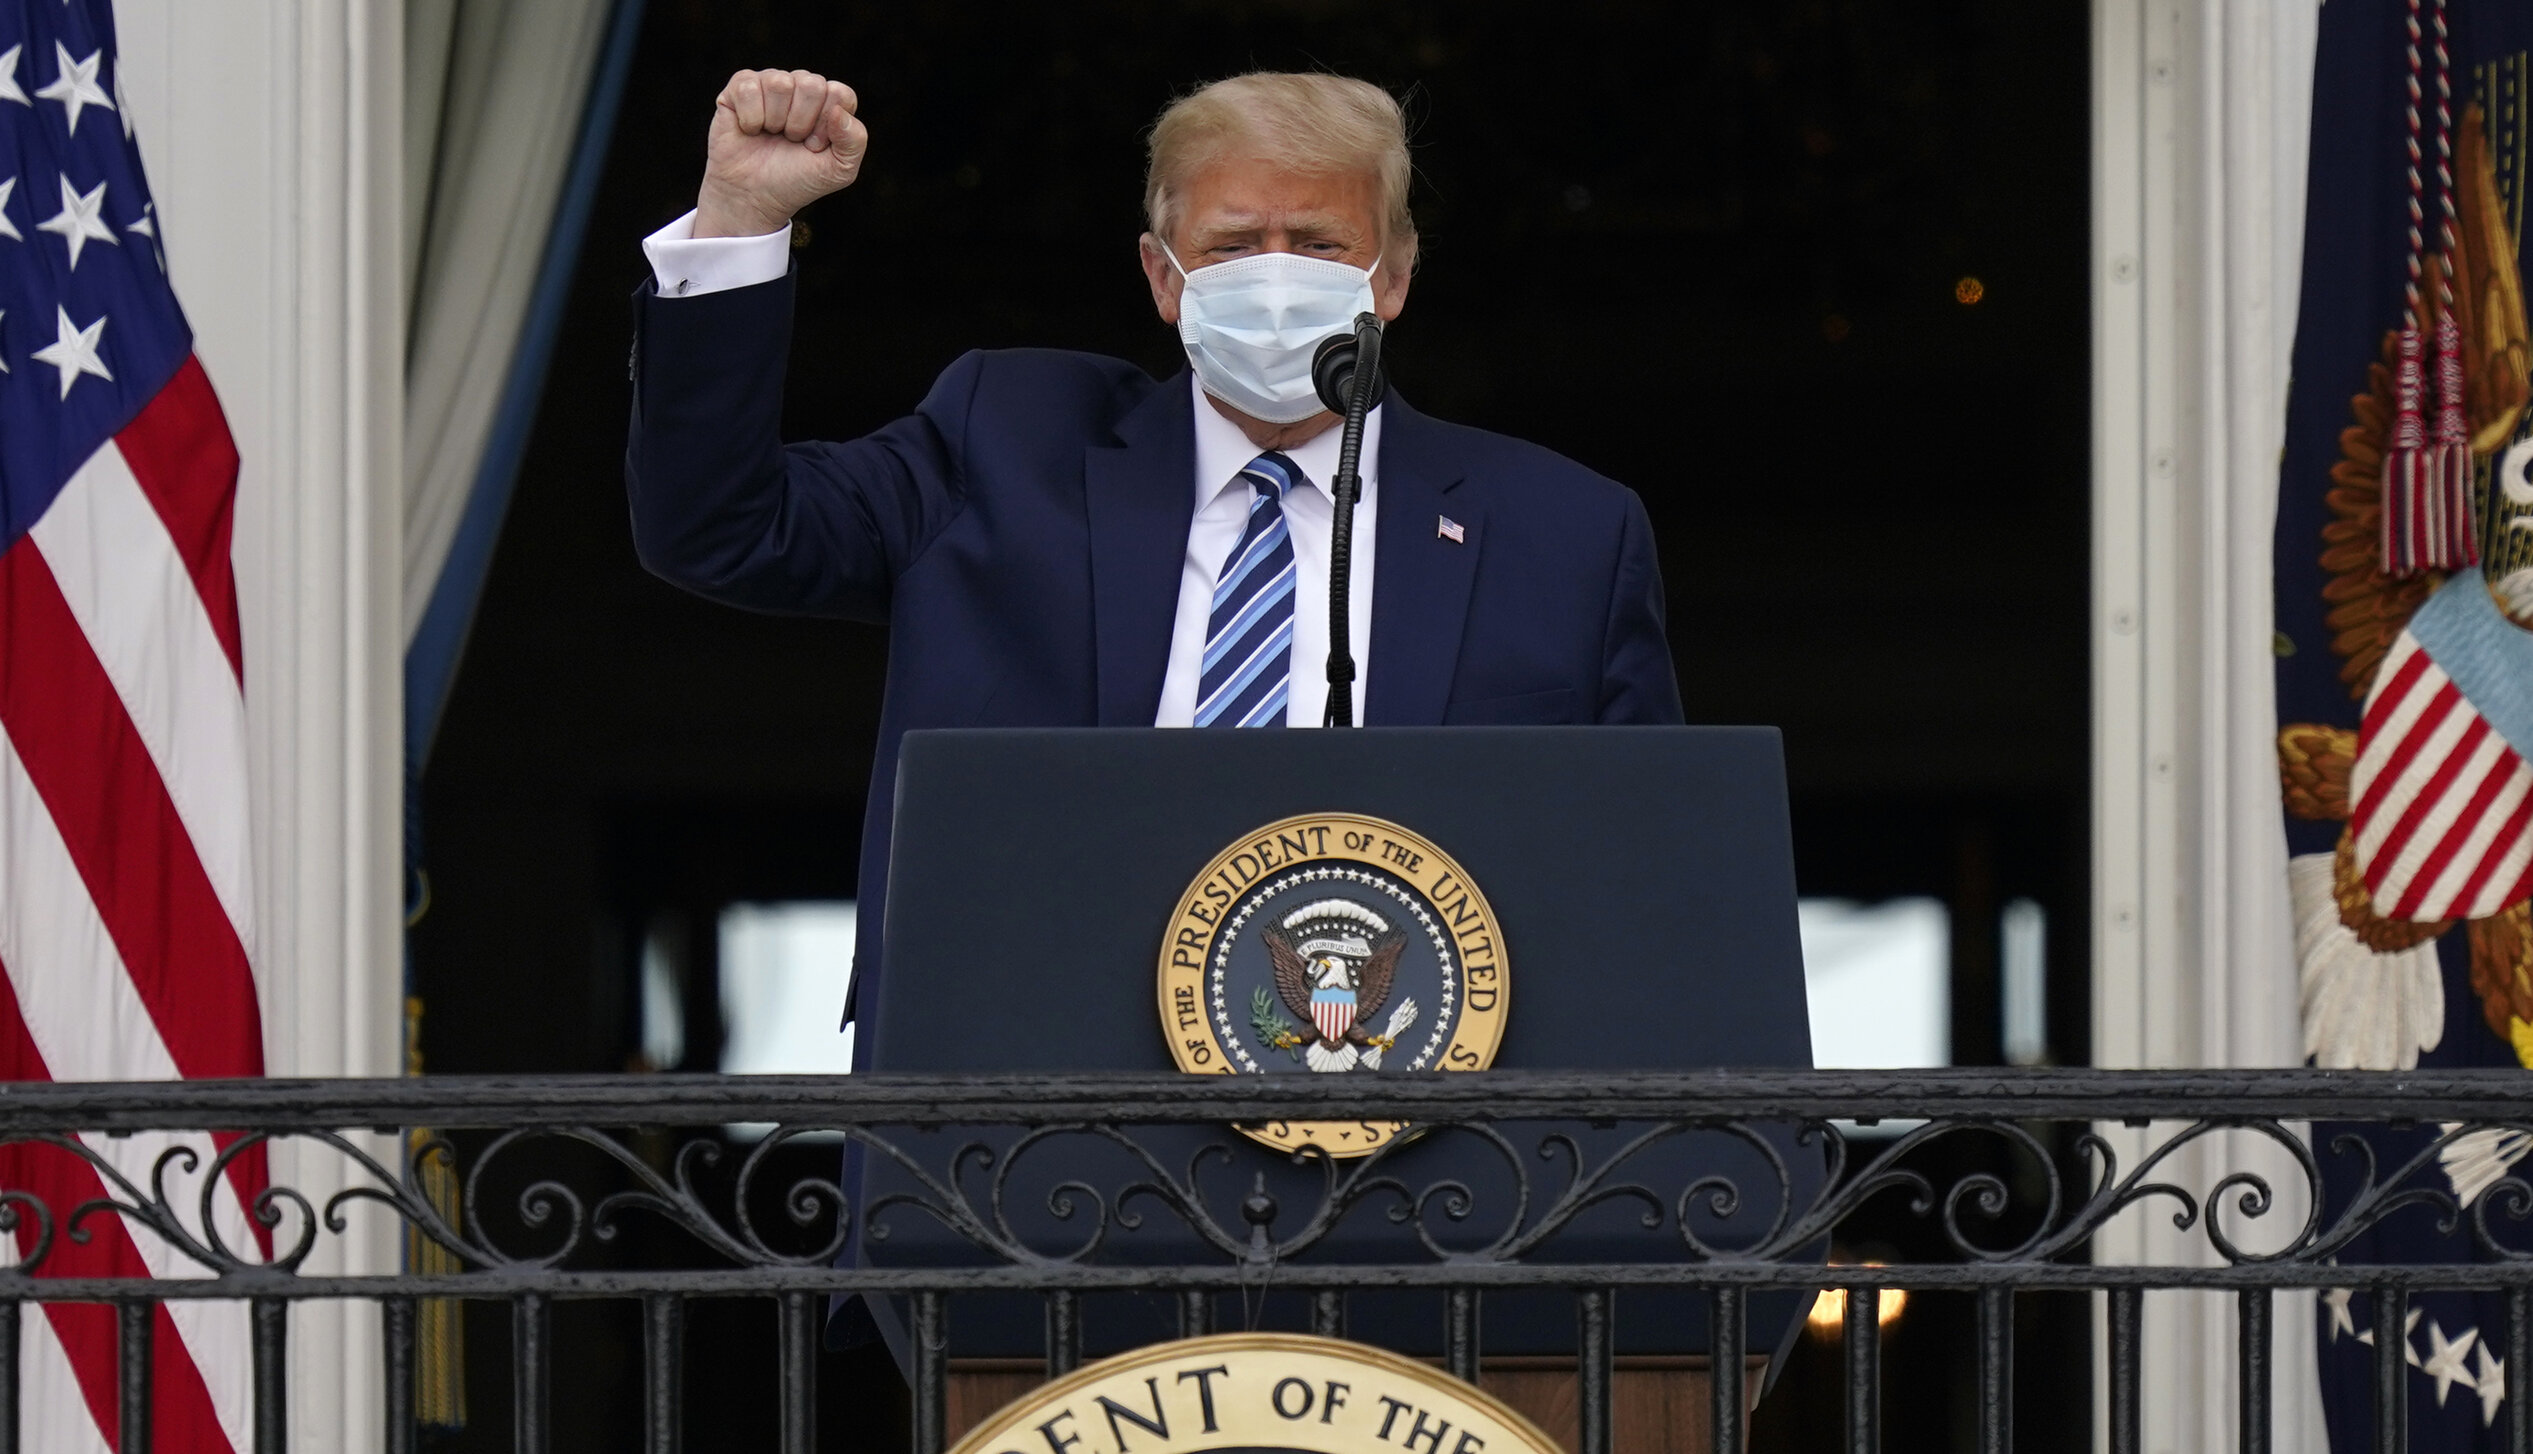 """Virusul face ravagii, suprasolicită spitalele, dar personalitățile contaminate """"se simt bine"""" după boală. Cum se explică?"""